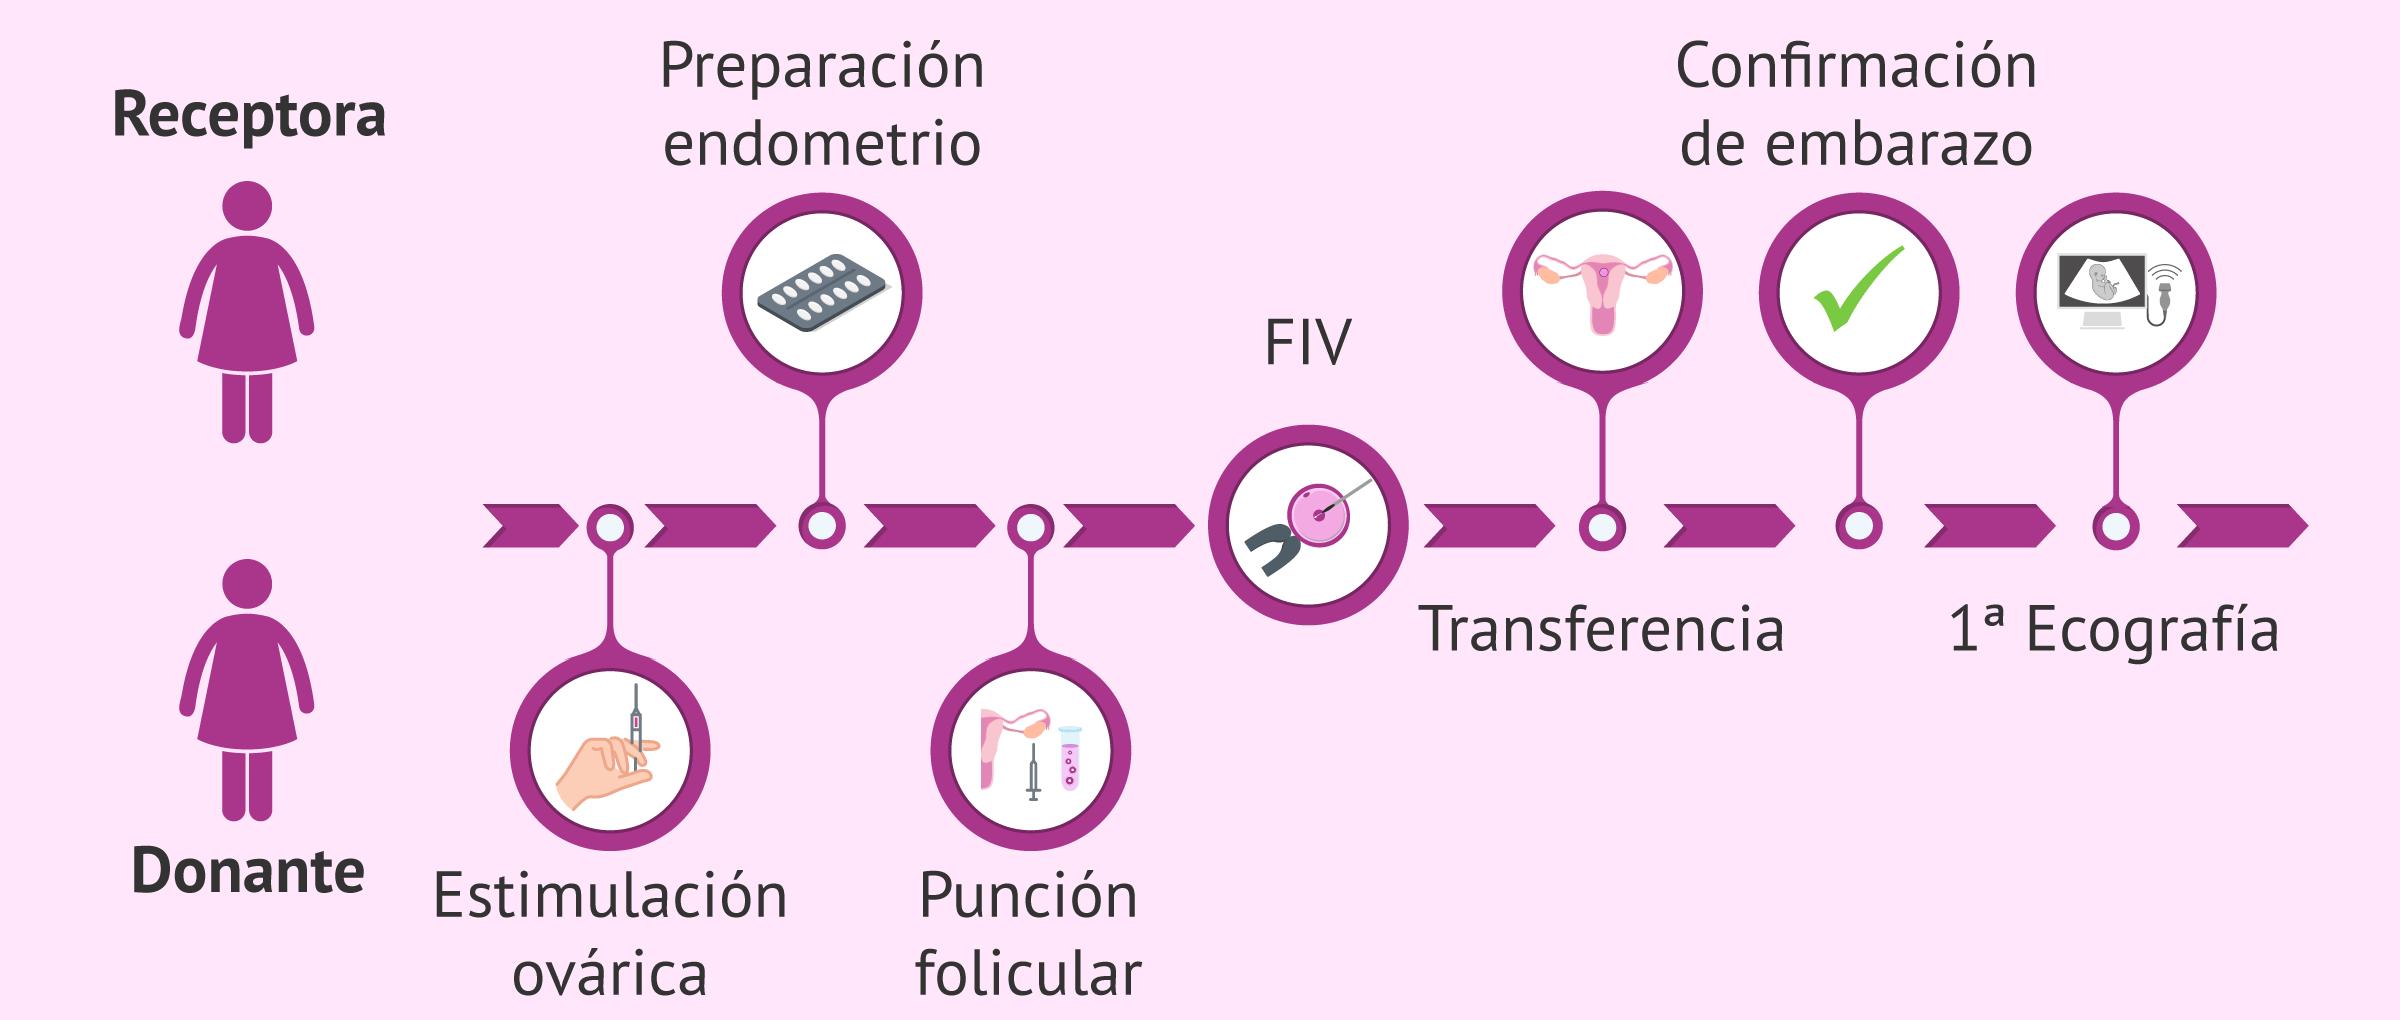 FIV con ovodonación: pasos del tratamiento para las receptoras